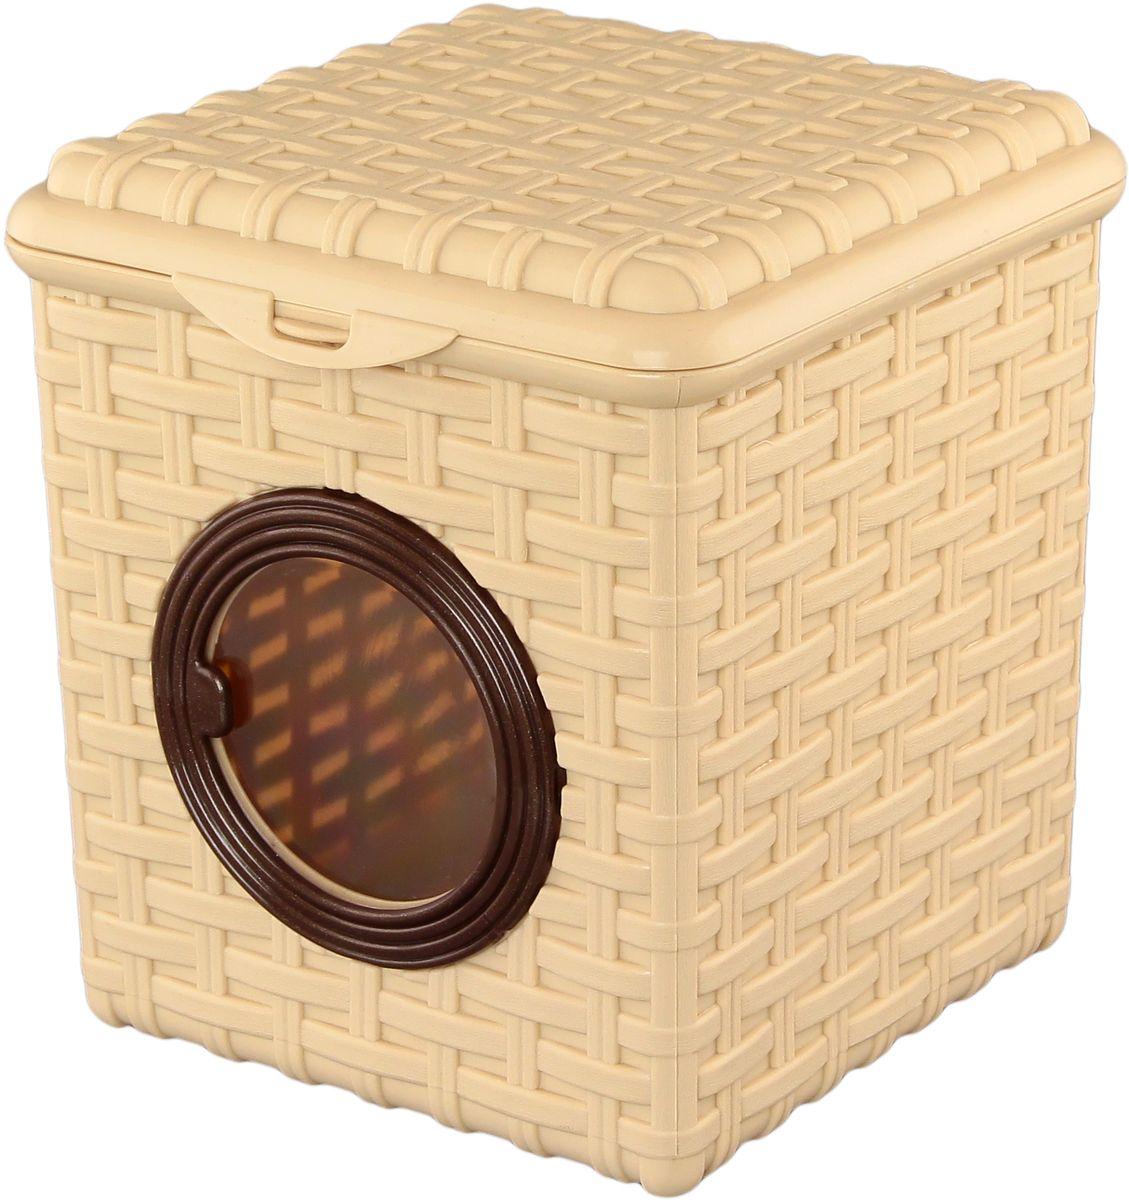 Контейнер для мелочей Violet Ротанг, 17 х 19 х 19 см контейнер giaretti цвет кремовый прозрачный 29 2 х 17 х 11 см